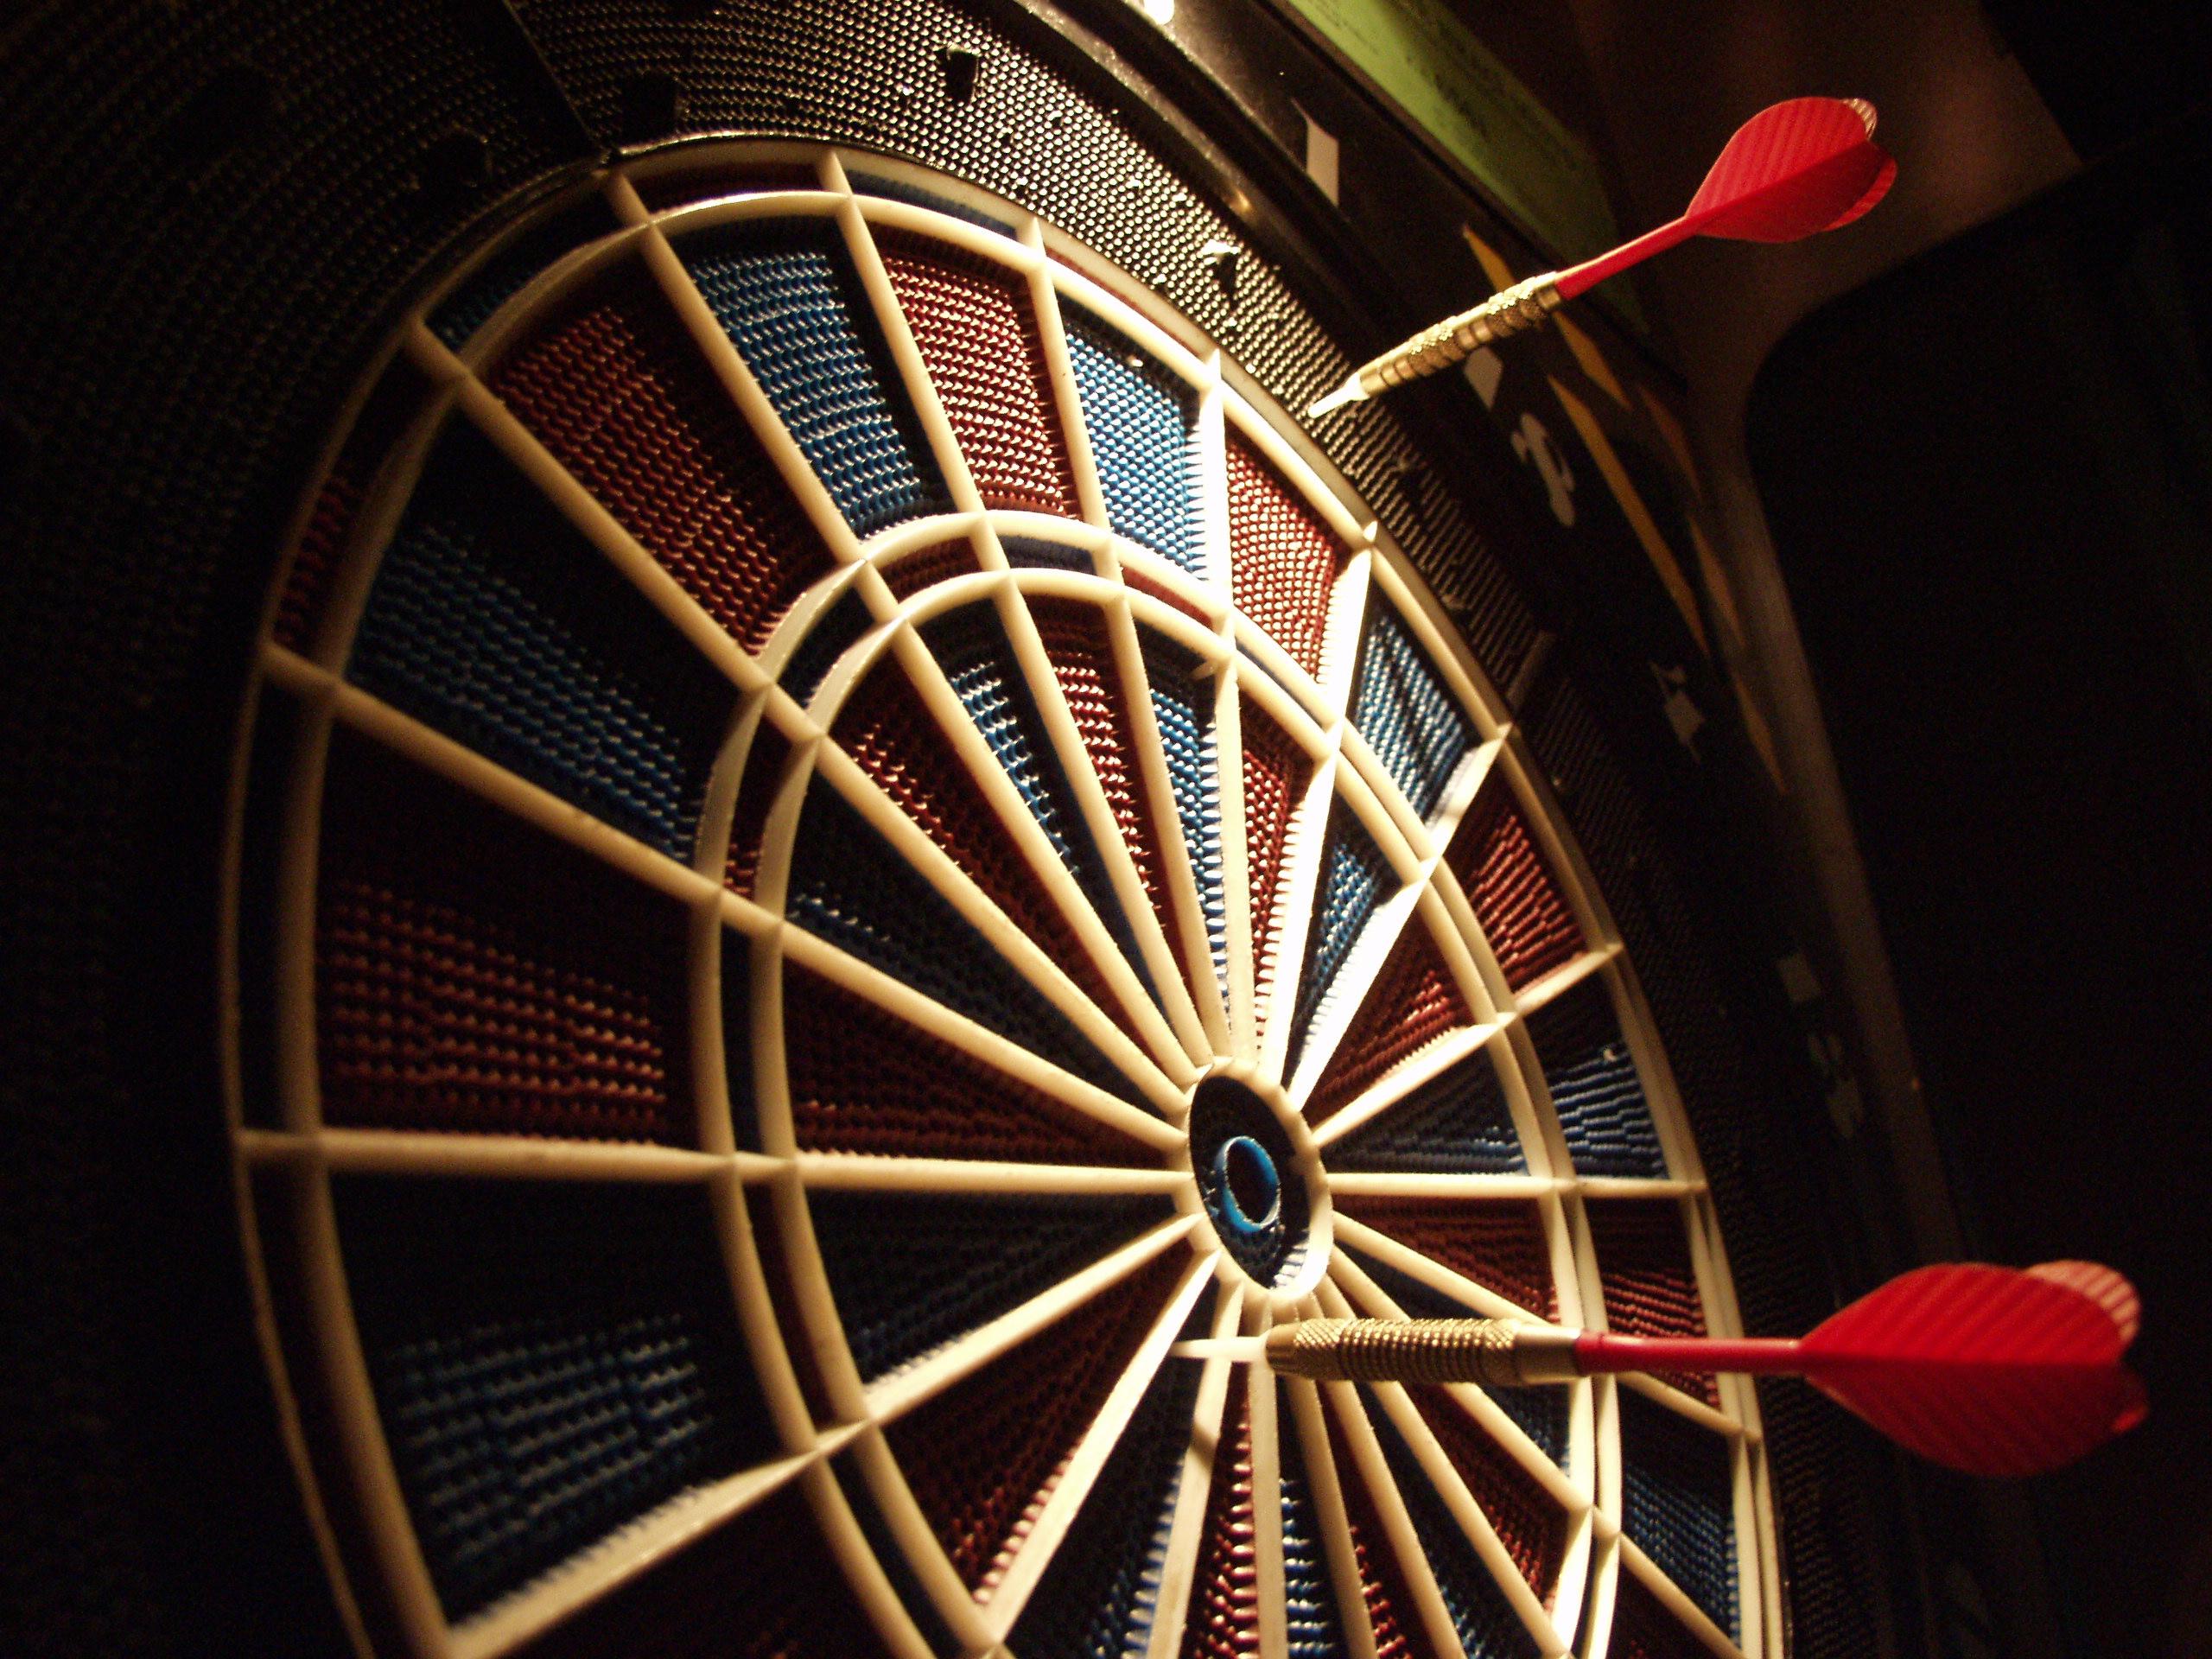 Ako si stanoviť ciele a prečo sú dobré v obrane proti manipulácii